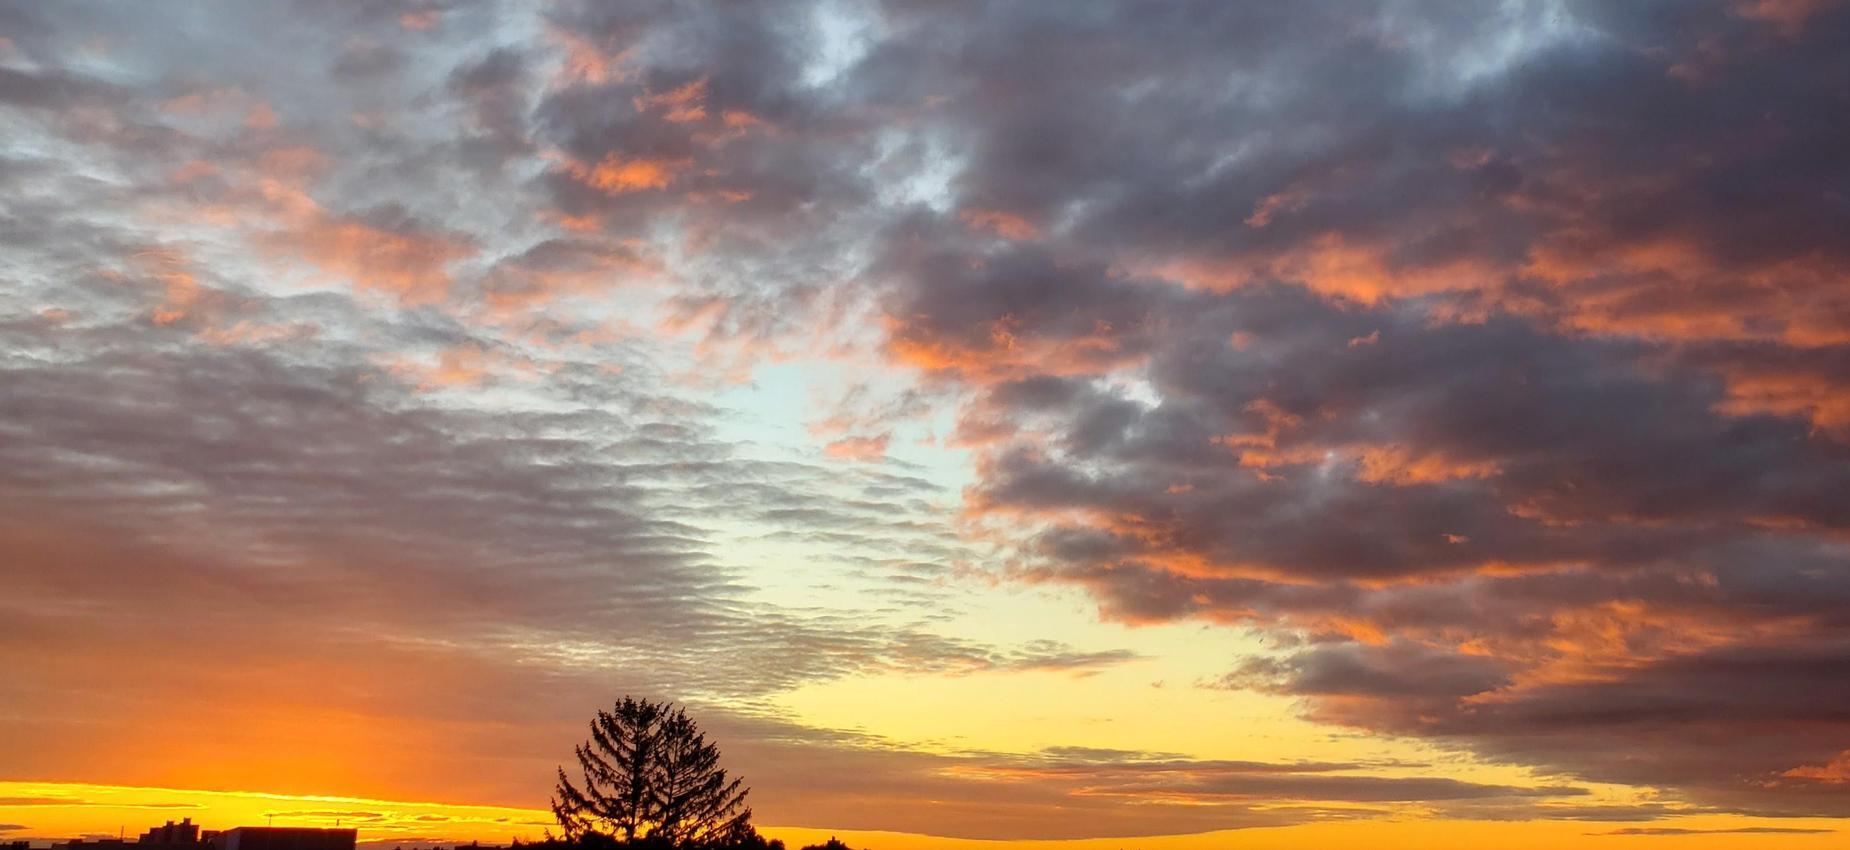 Sunrise on 73